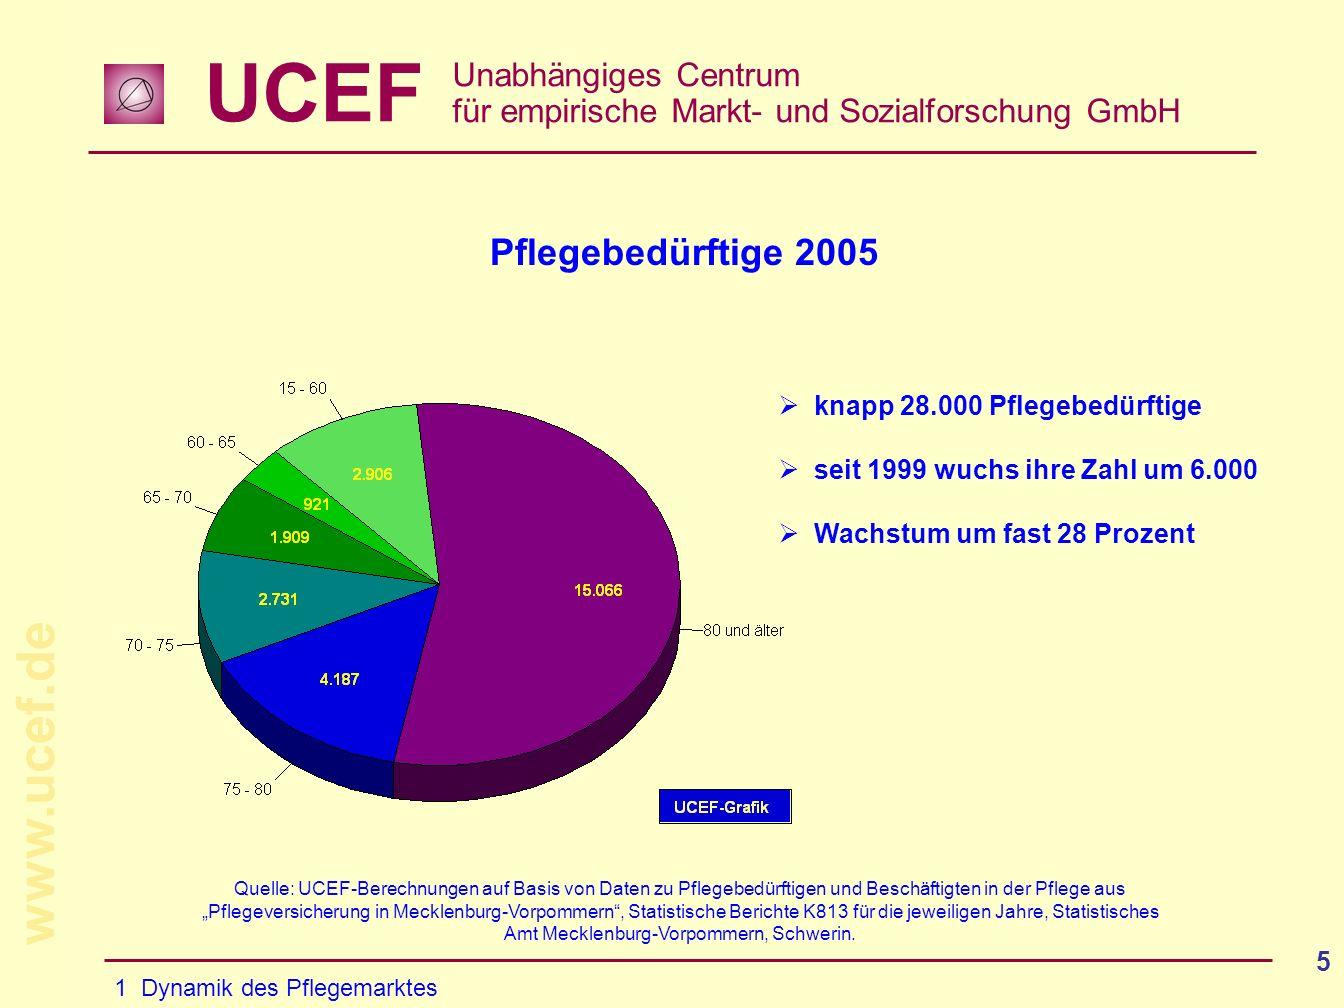 UCEF Unabhängiges Centrum für empirische Markt- und Sozialforschung GmbH www.ucef.de 5 Pflegebedürftige 2005 knapp 28.000 Pflegebedürftige seit 1999 wuchs ihre Zahl um 6.000 Wachstum um fast 28 Prozent 1 Dynamik des Pflegemarktes Quelle: UCEF-Berechnungen auf Basis von Daten zu Pflegebedürftigen und Beschäftigten in der Pflege aus Pflegeversicherung in Mecklenburg-Vorpommern, Statistische Berichte K813 für die jeweiligen Jahre, Statistisches Amt Mecklenburg-Vorpommern, Schwerin.